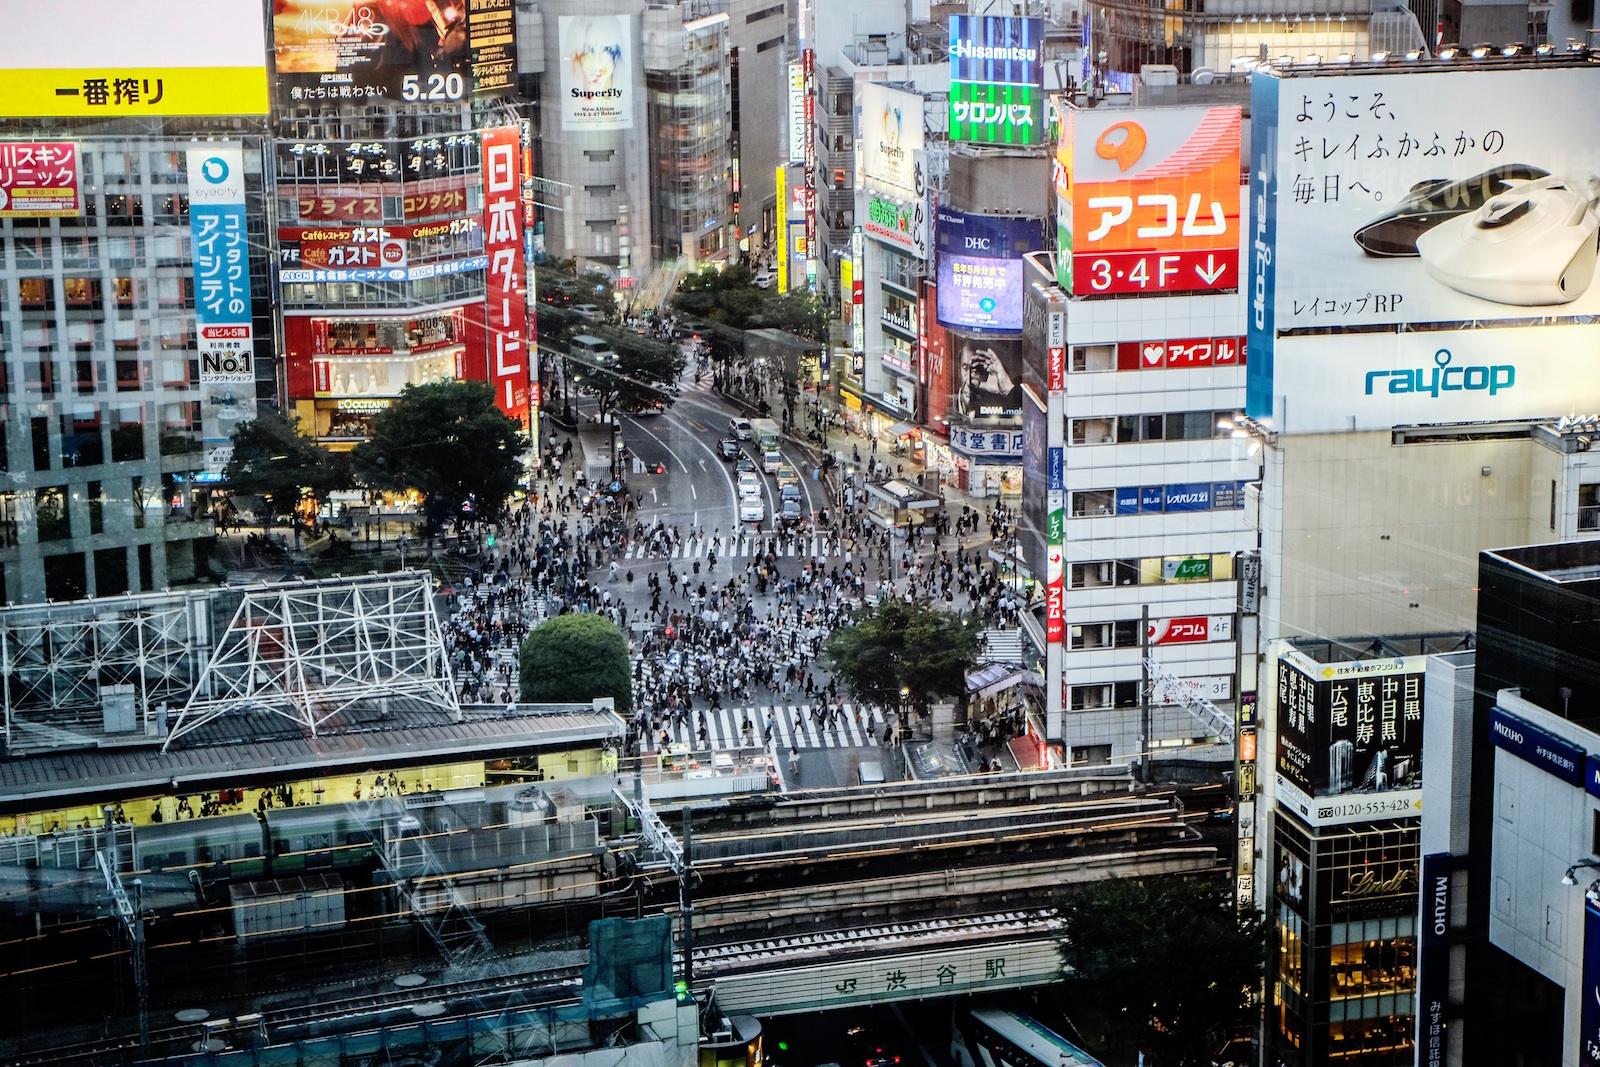 Улица японского города с большим количеством рекламы и толпой людей